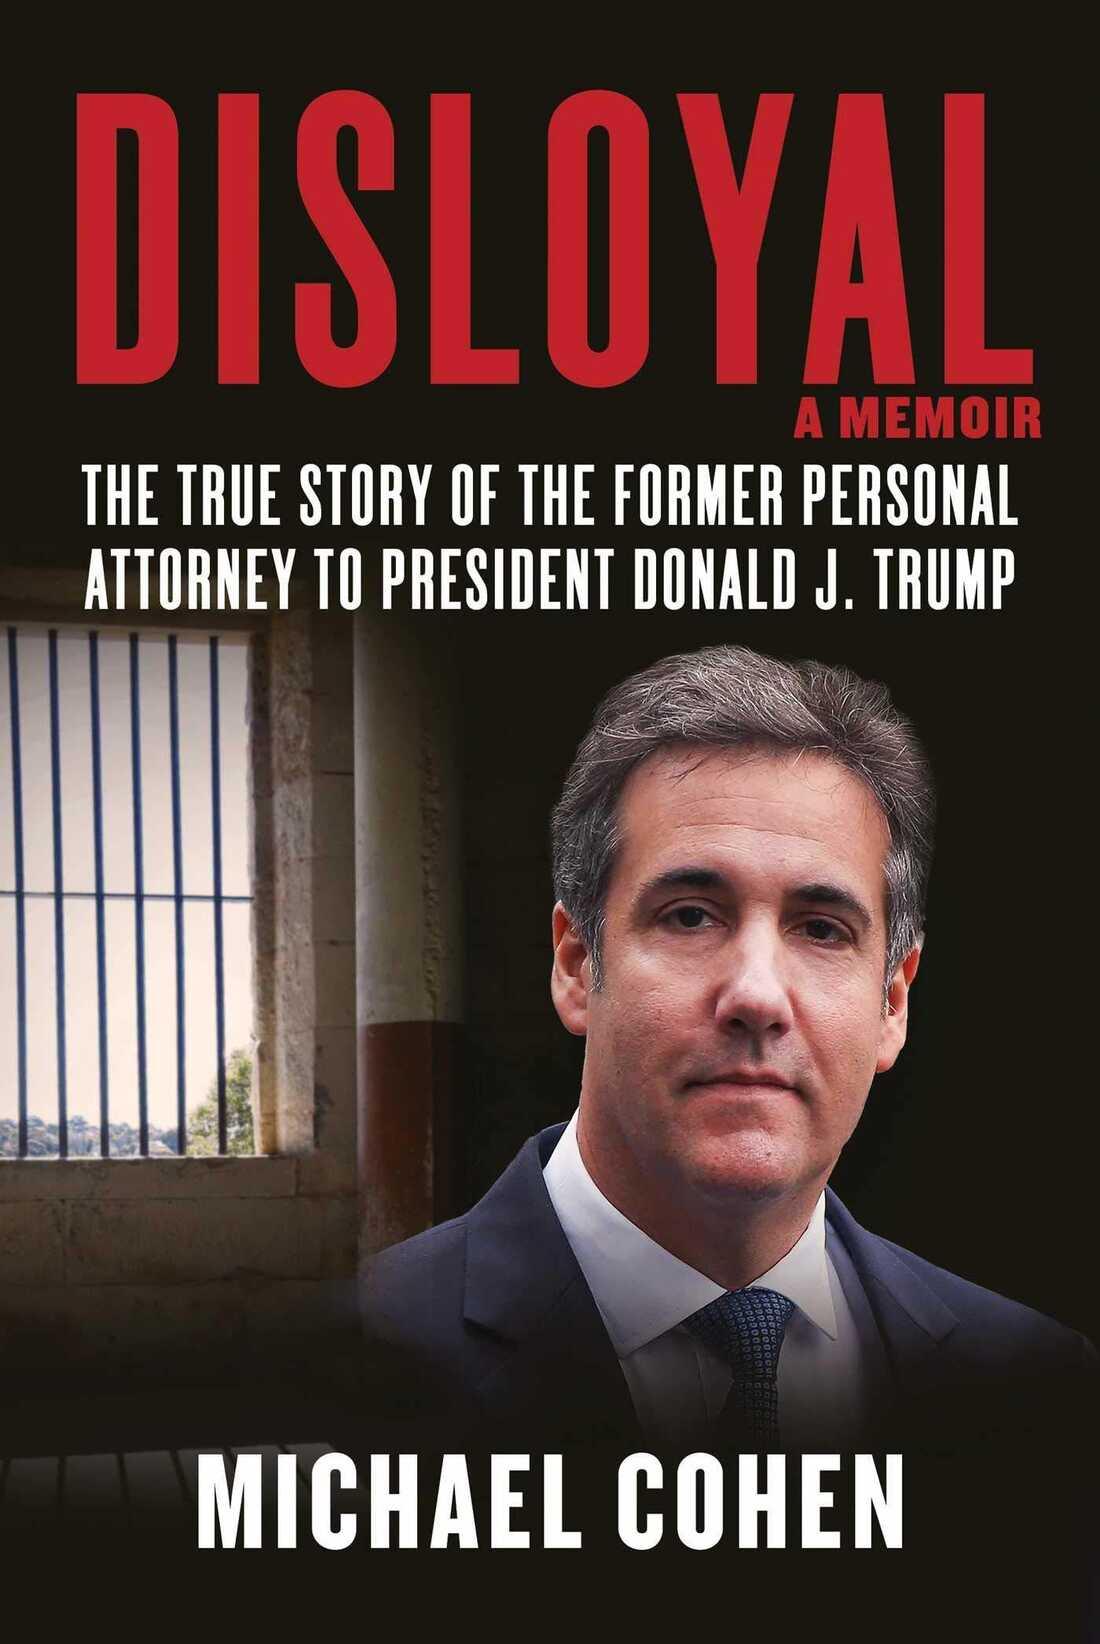 Disloyal, by Michael Cohen